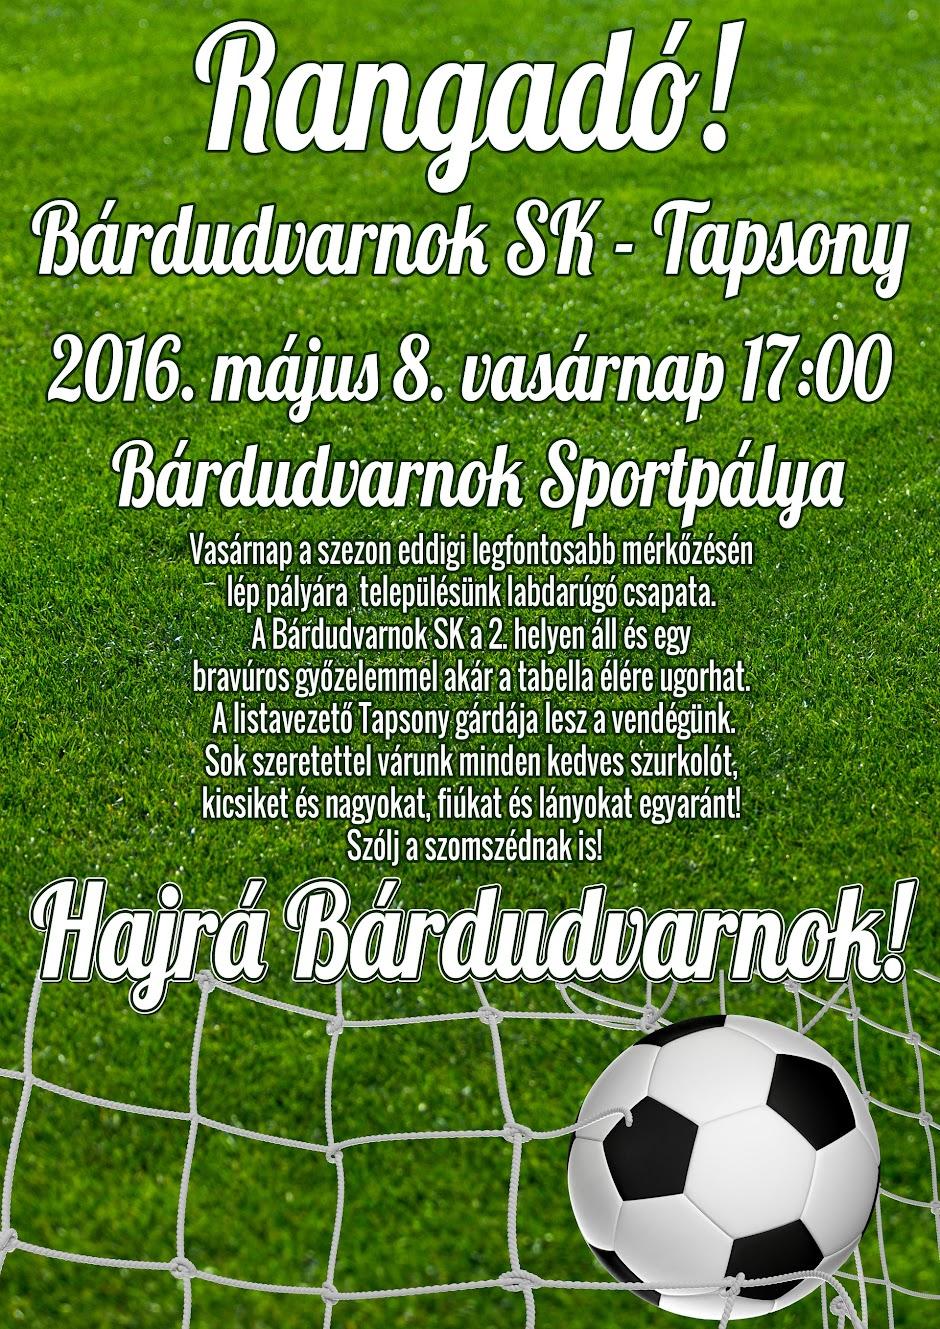 Bárdudvarnok - Tapsony rangadó futball plakát